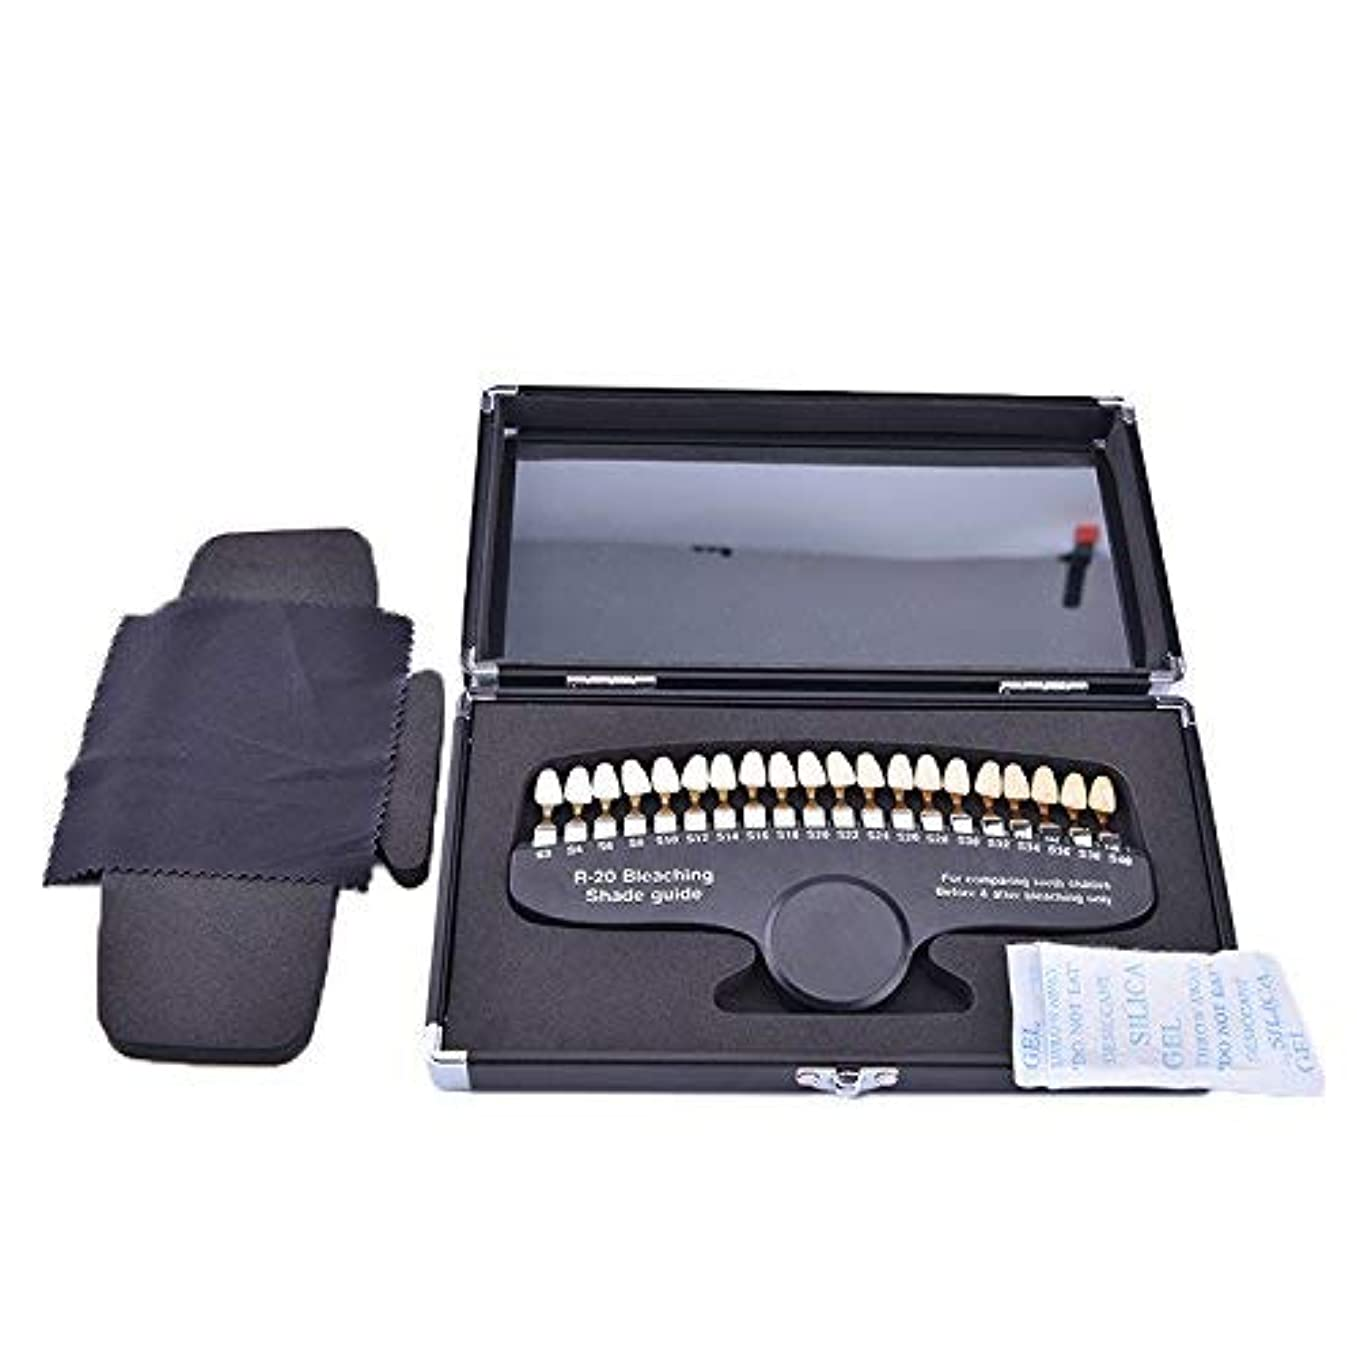 欠点抑止するコイルデンタル ホワイトニング シェード ガイドー 20色デンタル専用抜ける歯列模型ボード 鏡付き